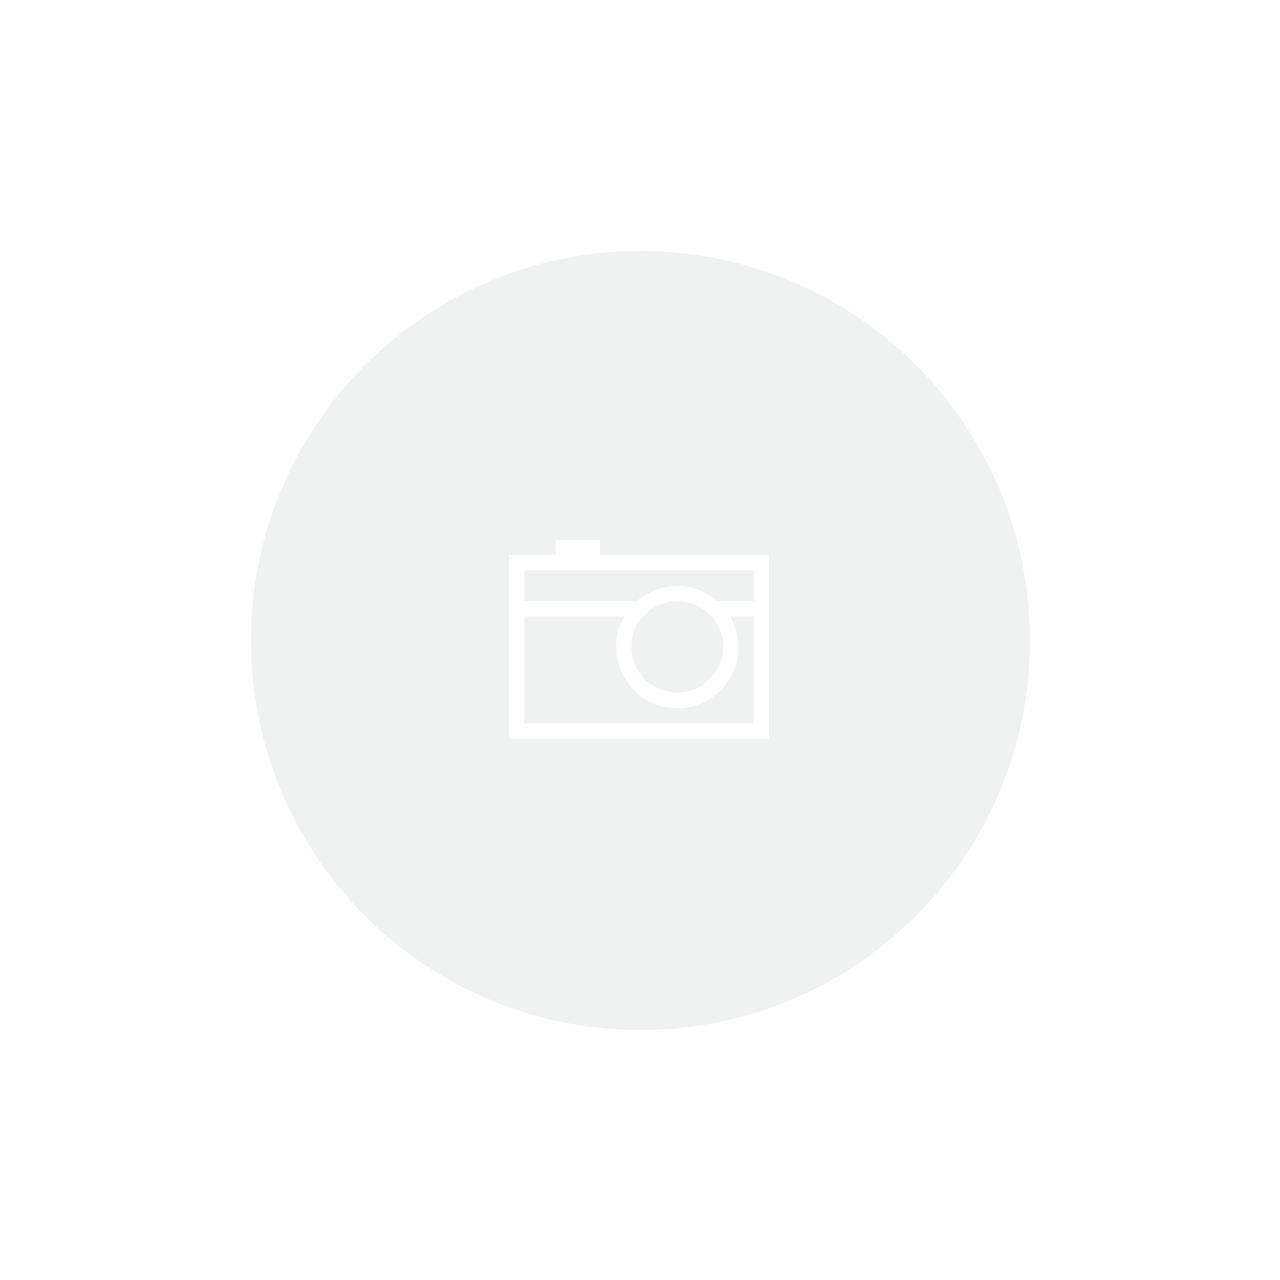 Forno Elétrico de Embutir em Aço Inox com 8 Funções Maxi Ino